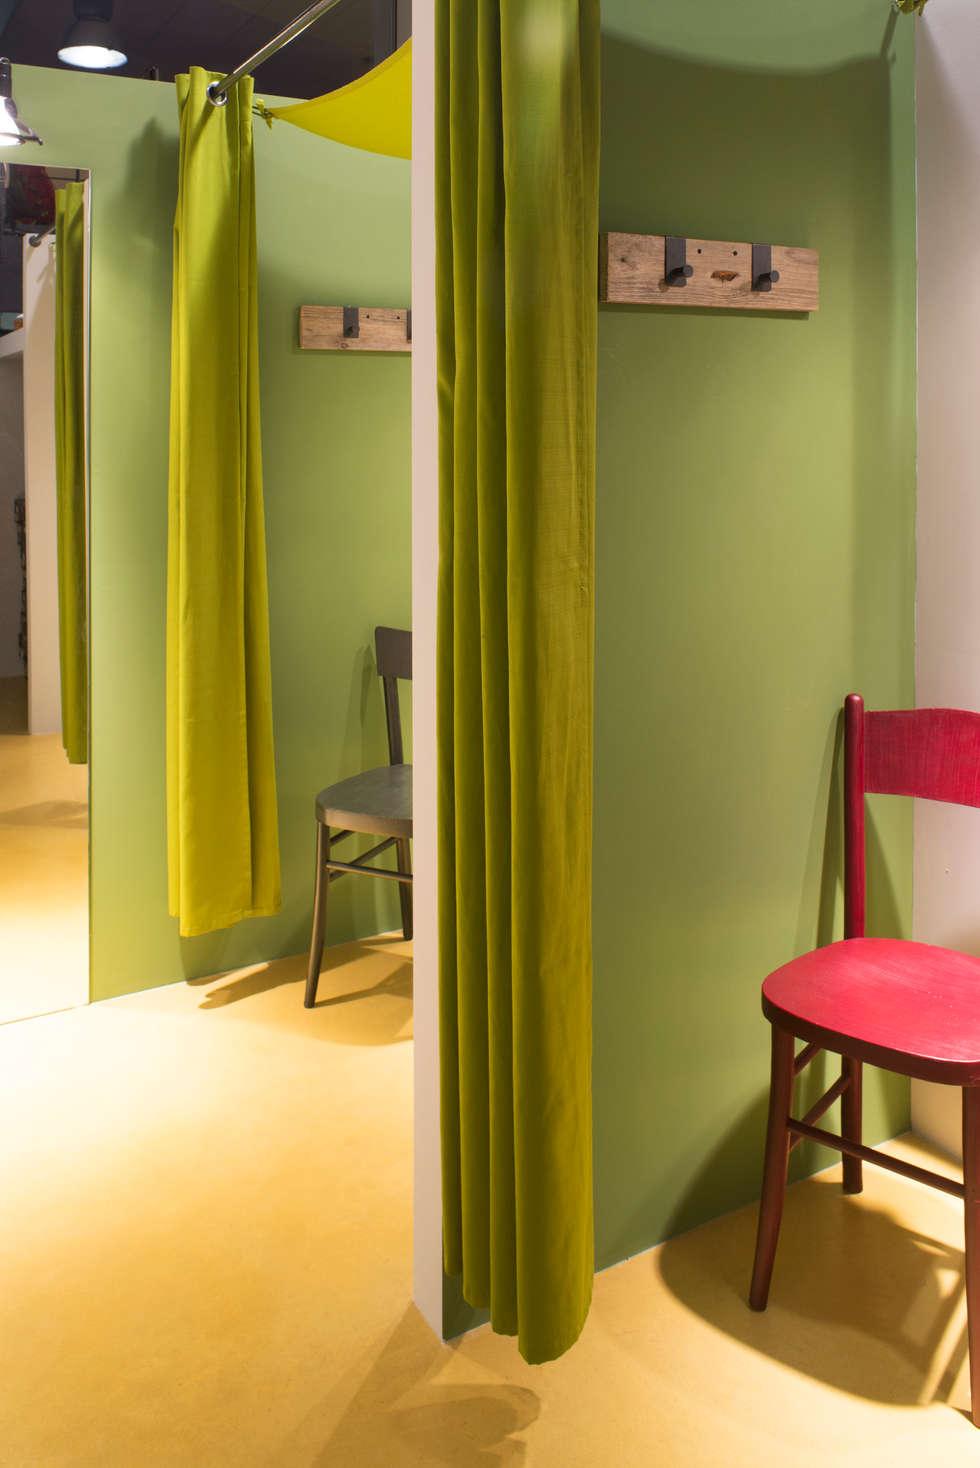 kamp 3000 negozio di outdoor a Reggio Emilia: Negozi & Locali commerciali in stile  di chiara gandolfi architetto